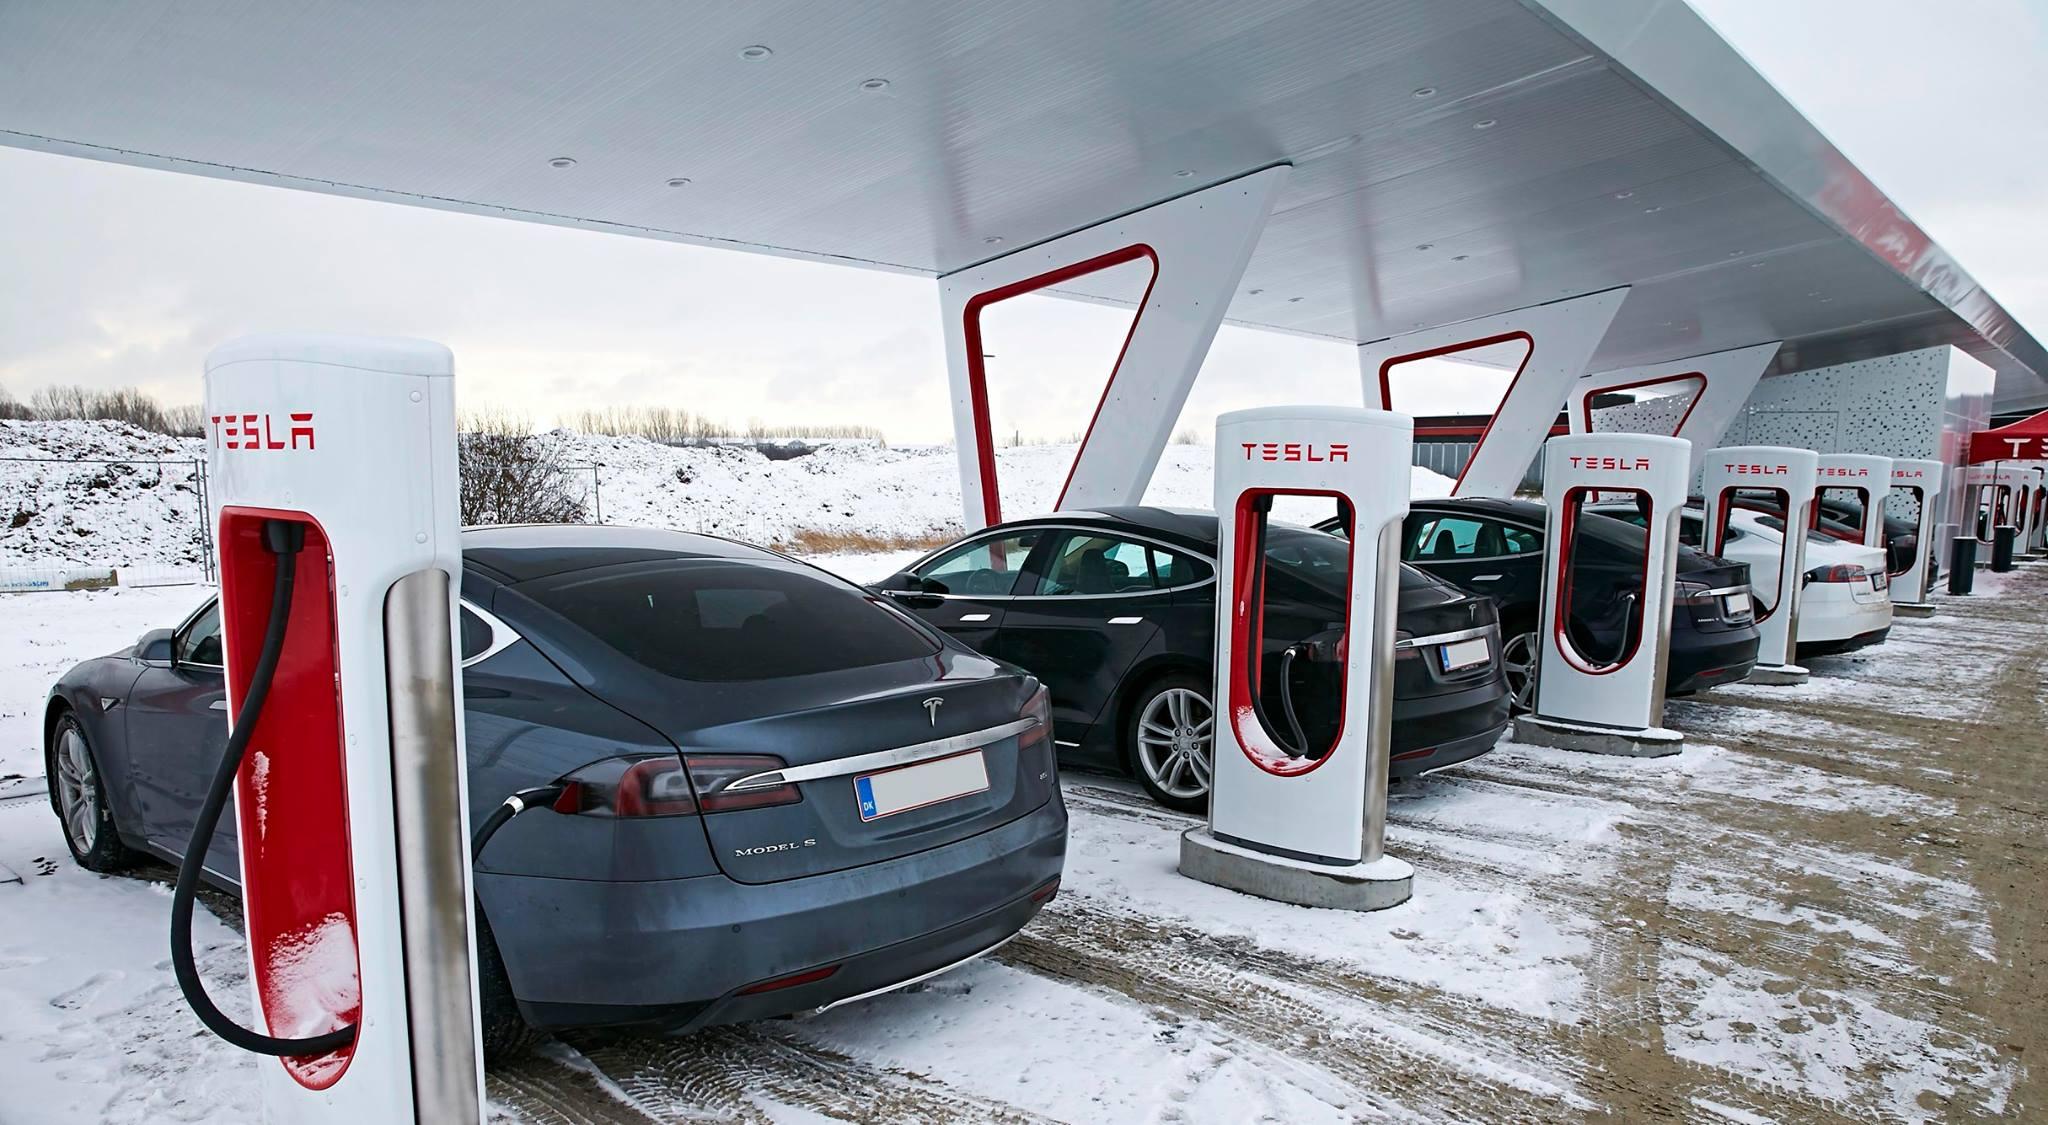 Илон Маск обещает покрыть Европу сетью Tesla Supercharger уже в следующем году - 1